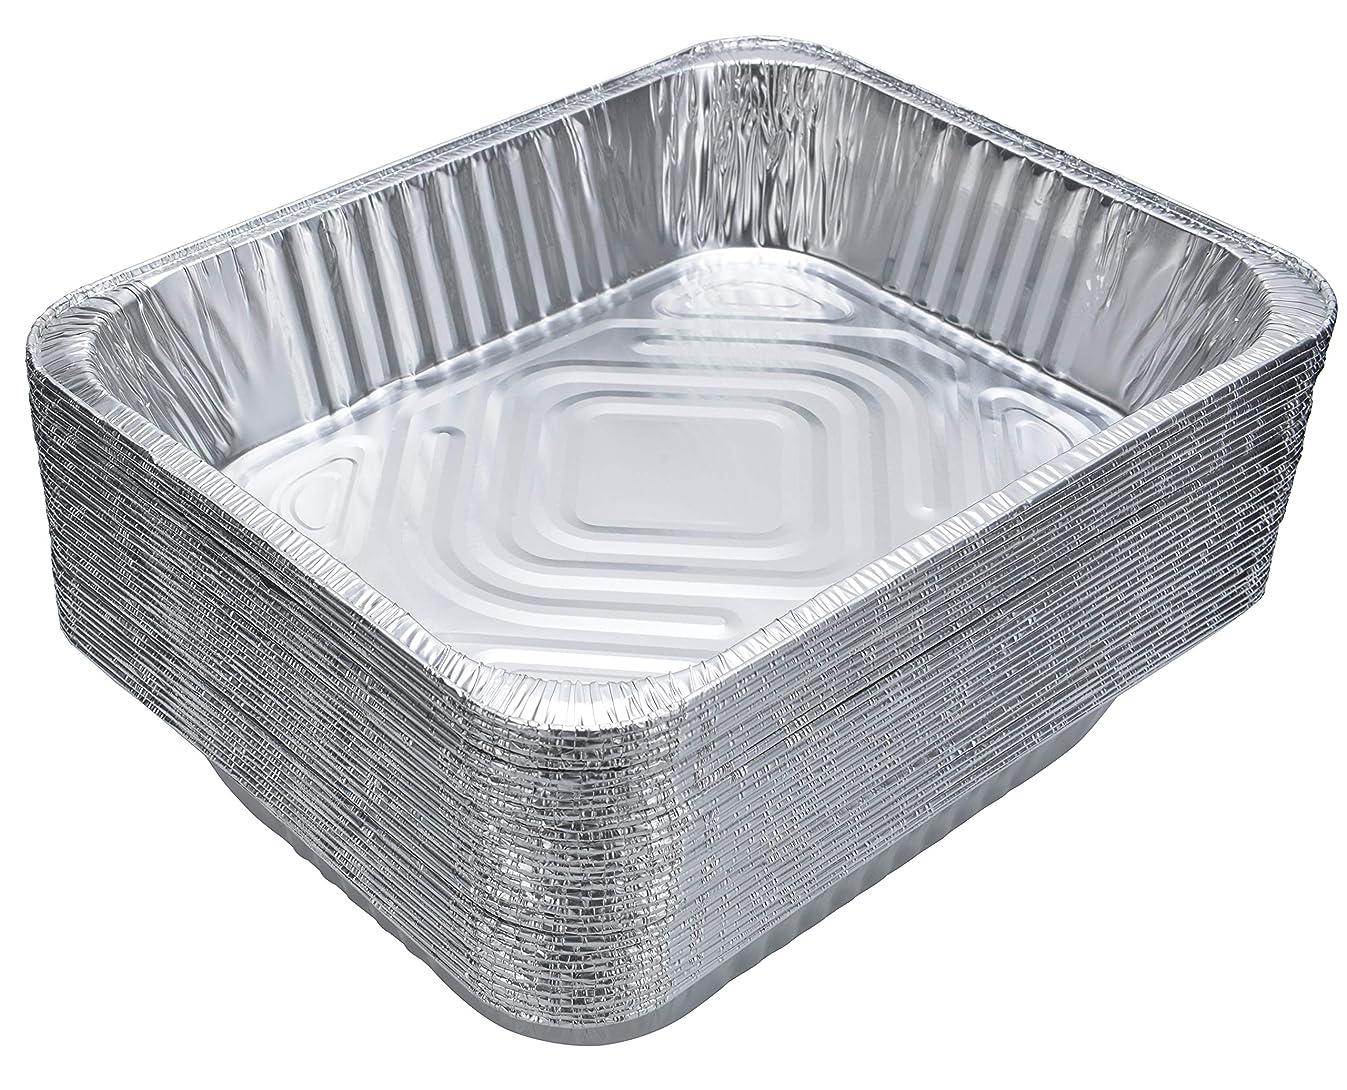 DOBI Aluminum Pans (30-Pack) - Disposable Aluminum Foil Steam Table Deep Pans, Half Size Chafing Pans - 12 1/2